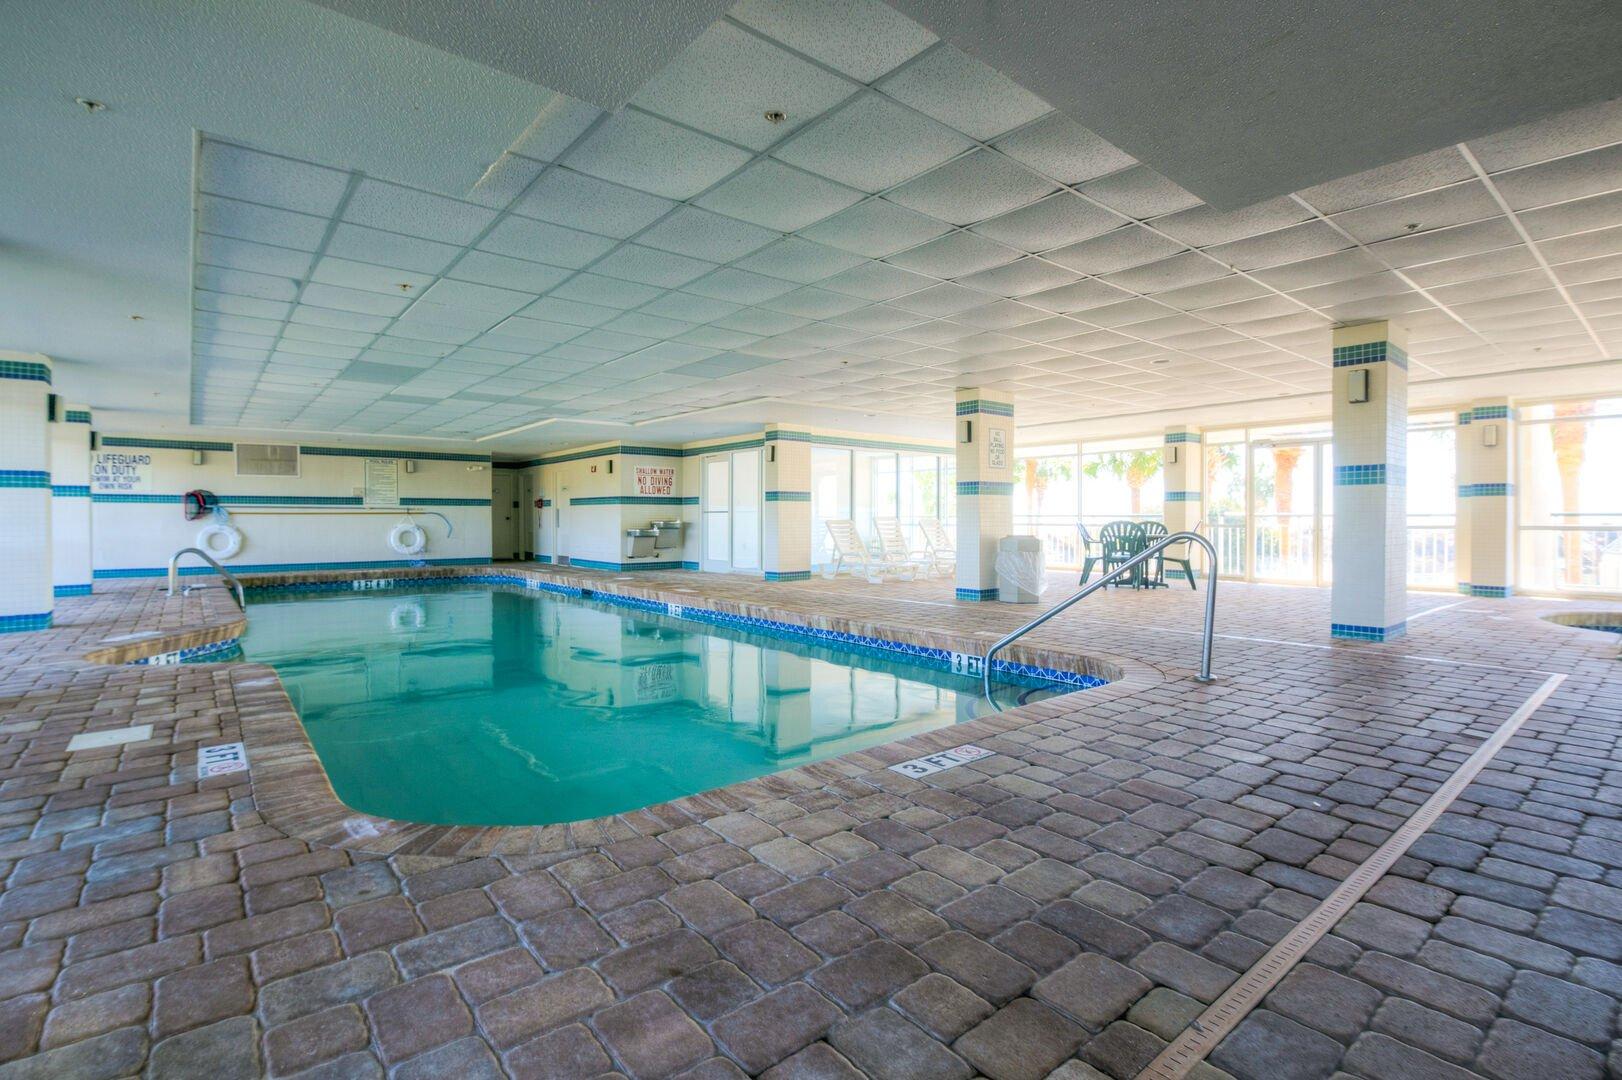 Bridgewater Indoor Pool